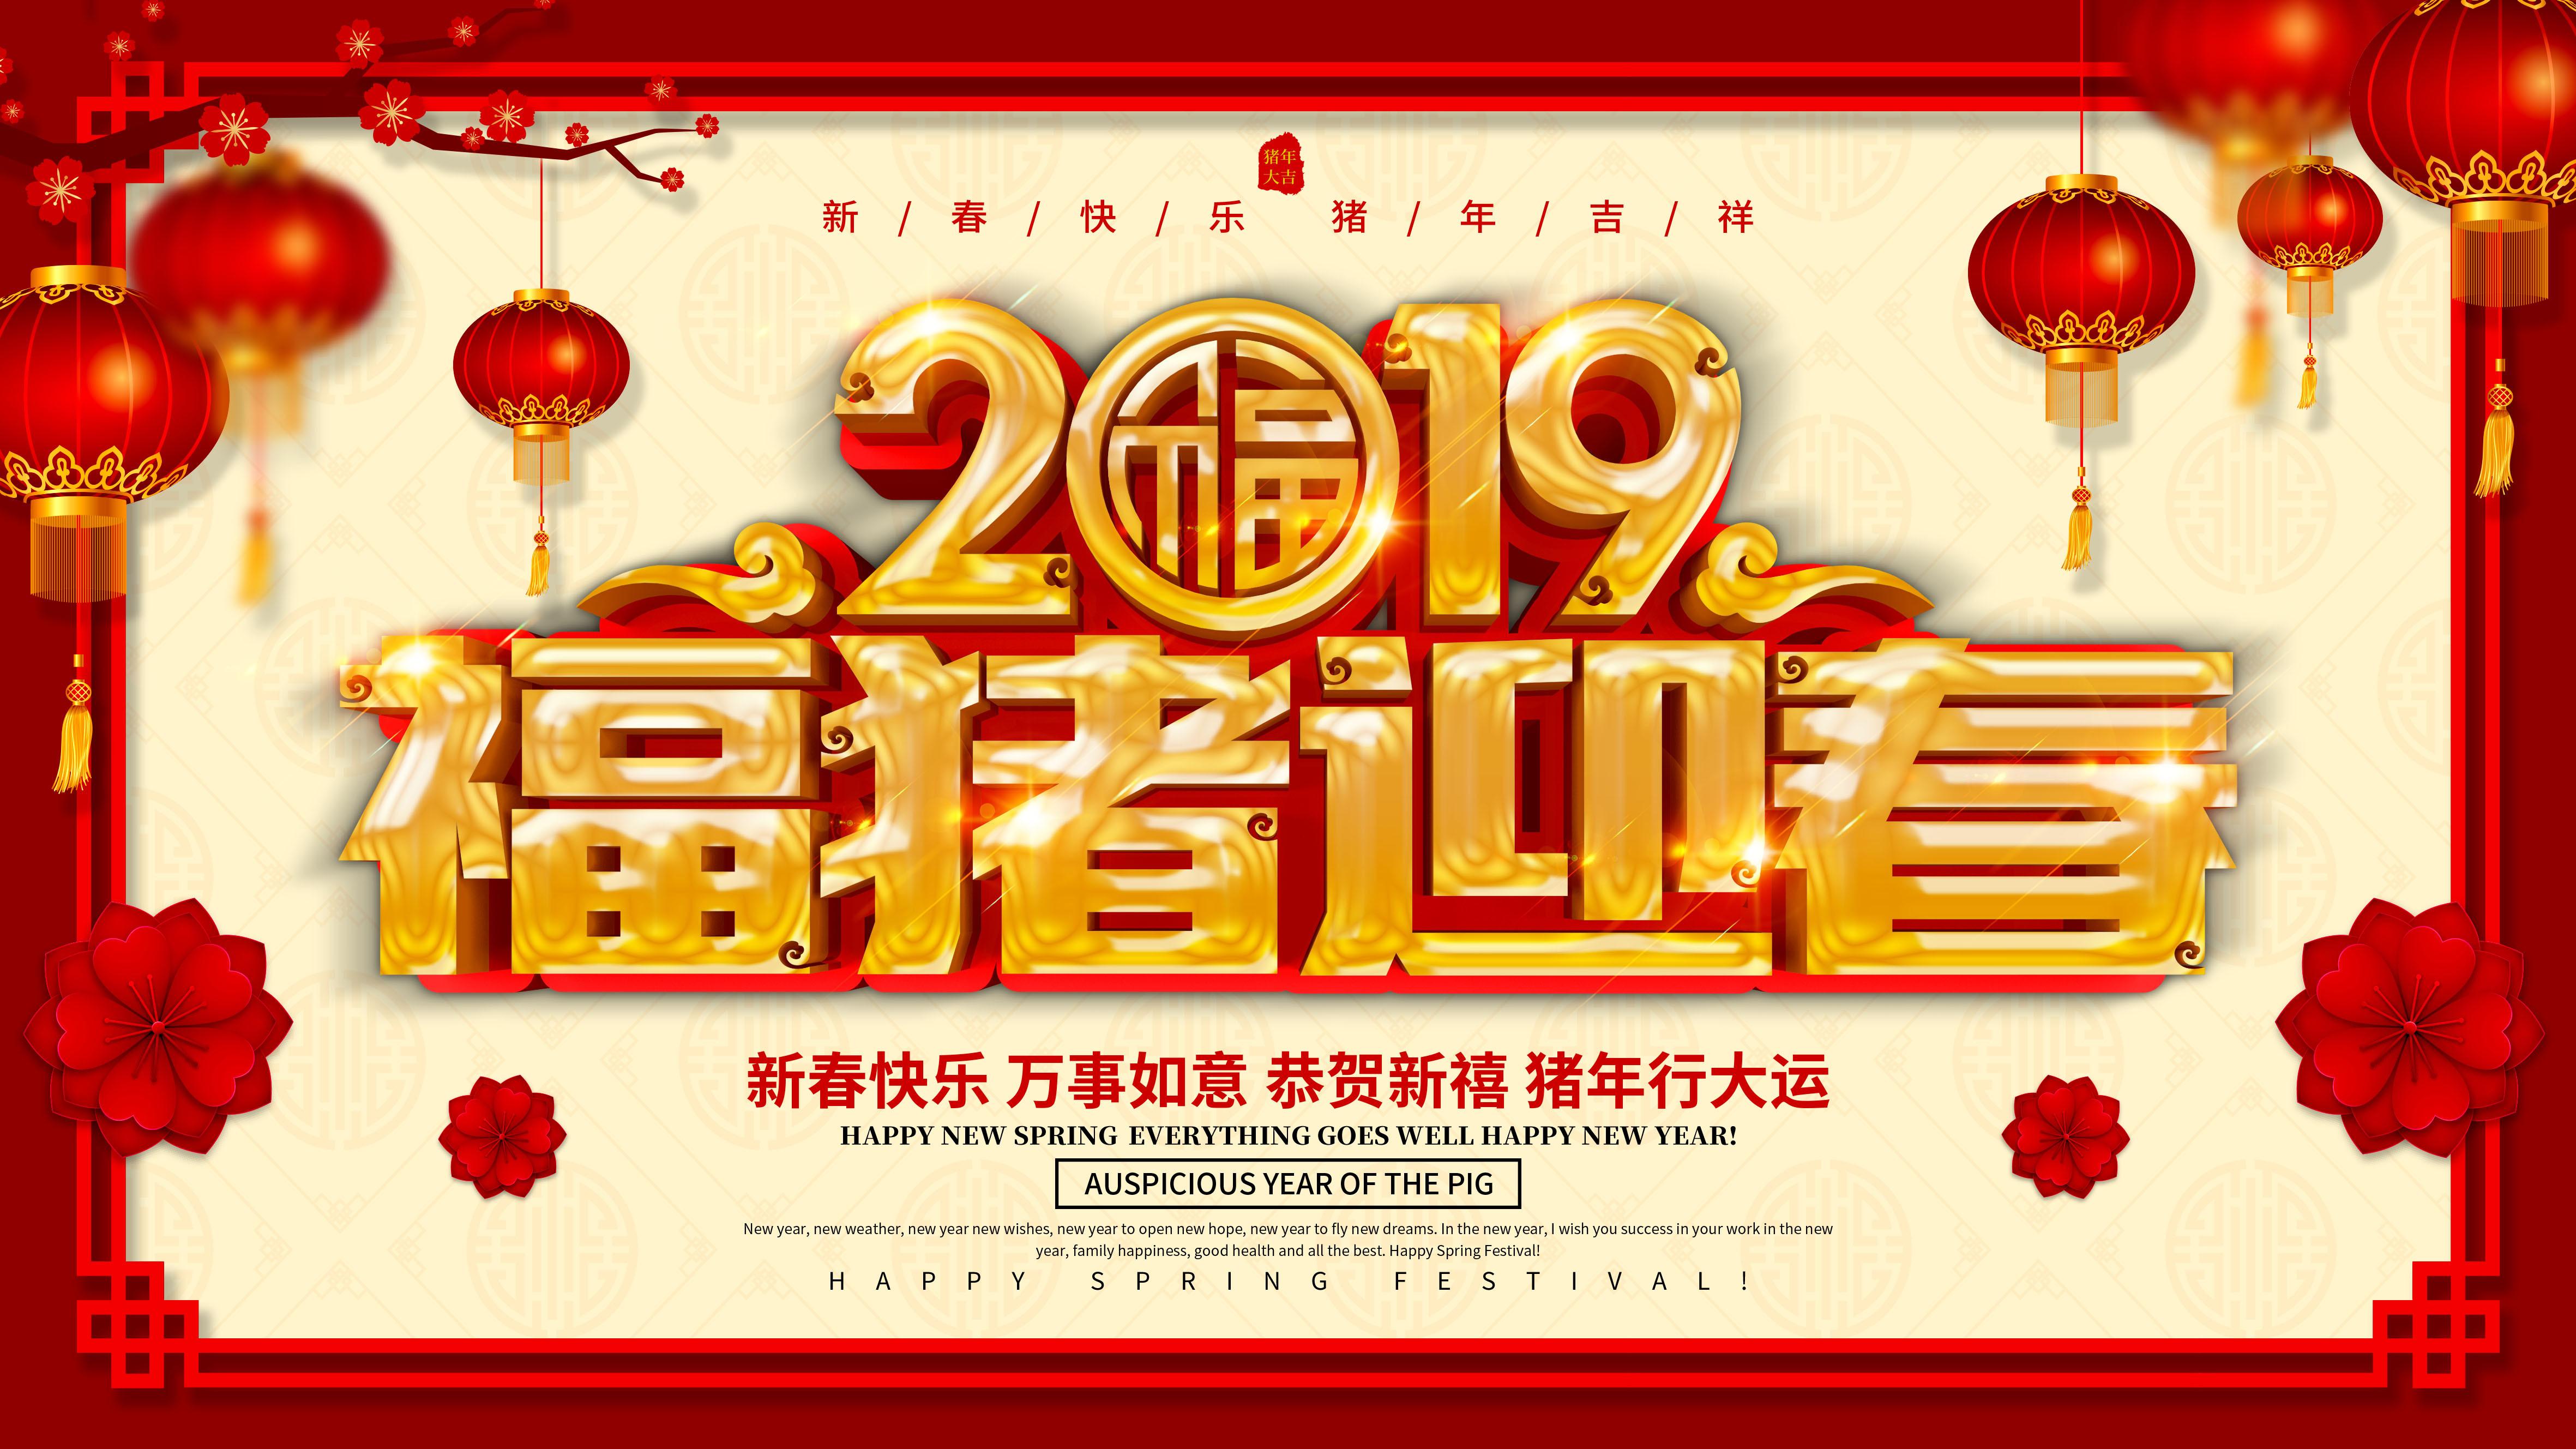 全屋整装网携手集成墙面联盟恭祝大家新年快乐,财源广进!